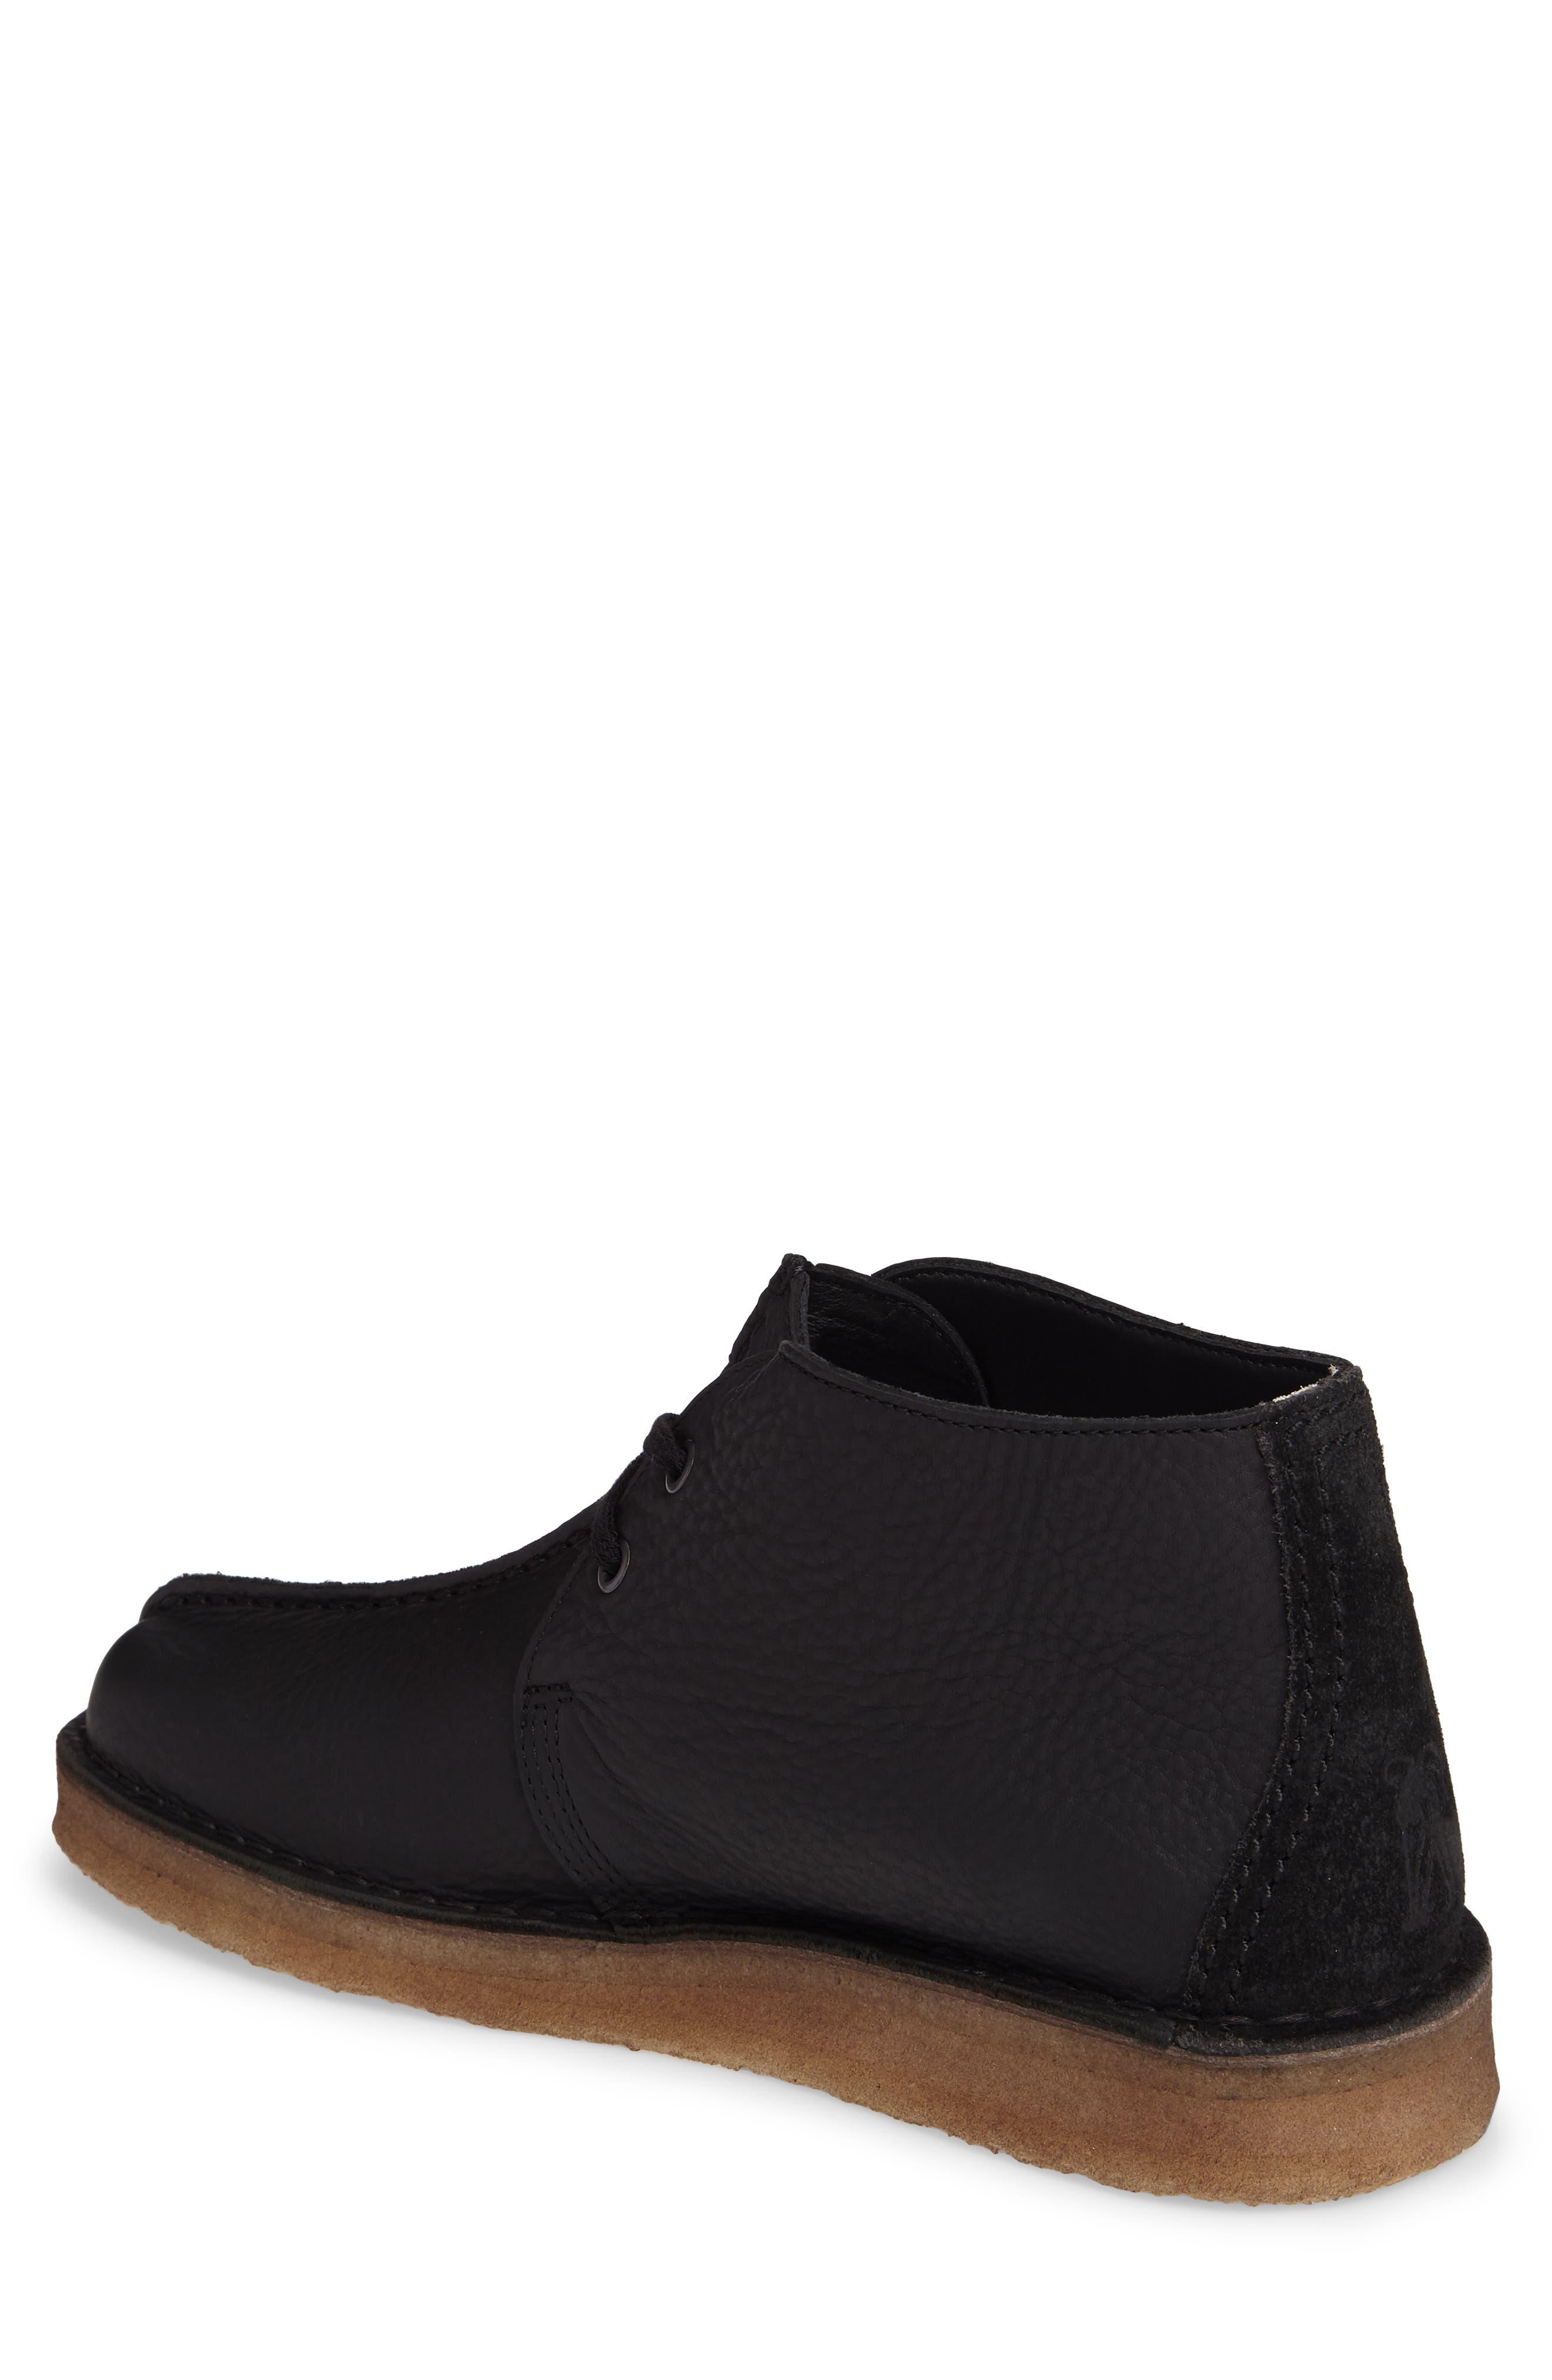 Alternate Image 2  - Clarks Desert Trek Leather Boot (Men)